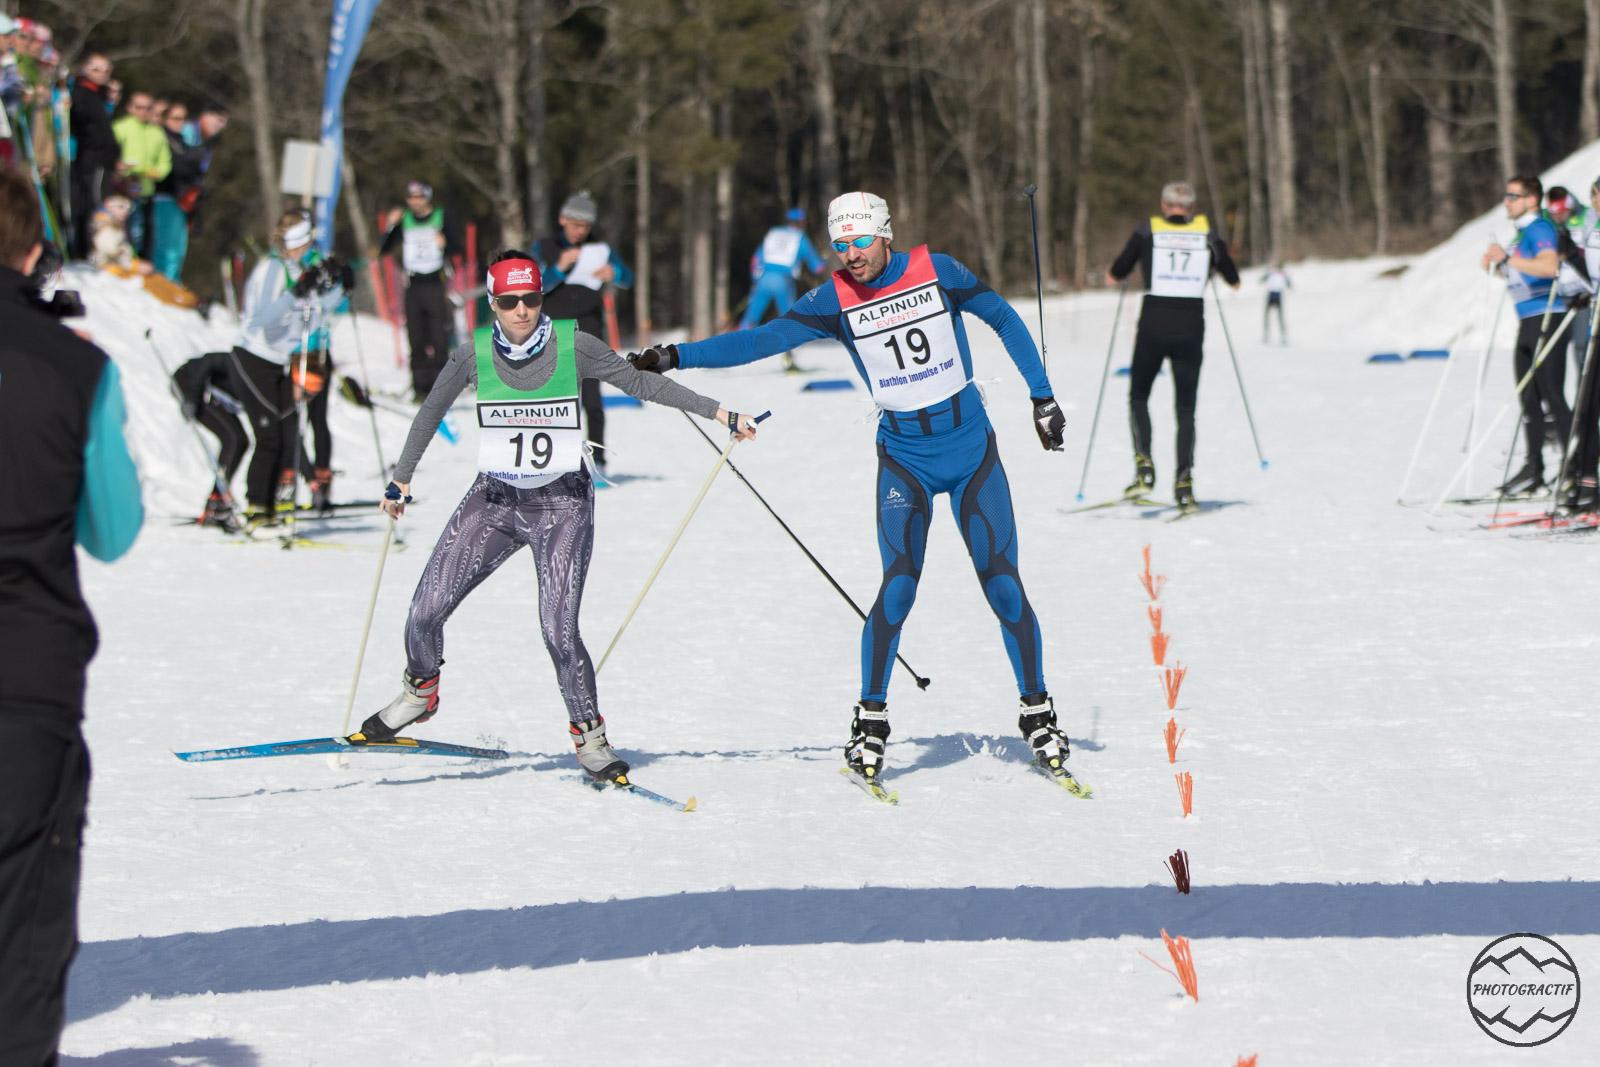 Biathlon Alpinum Les Contamines 2019 (40)